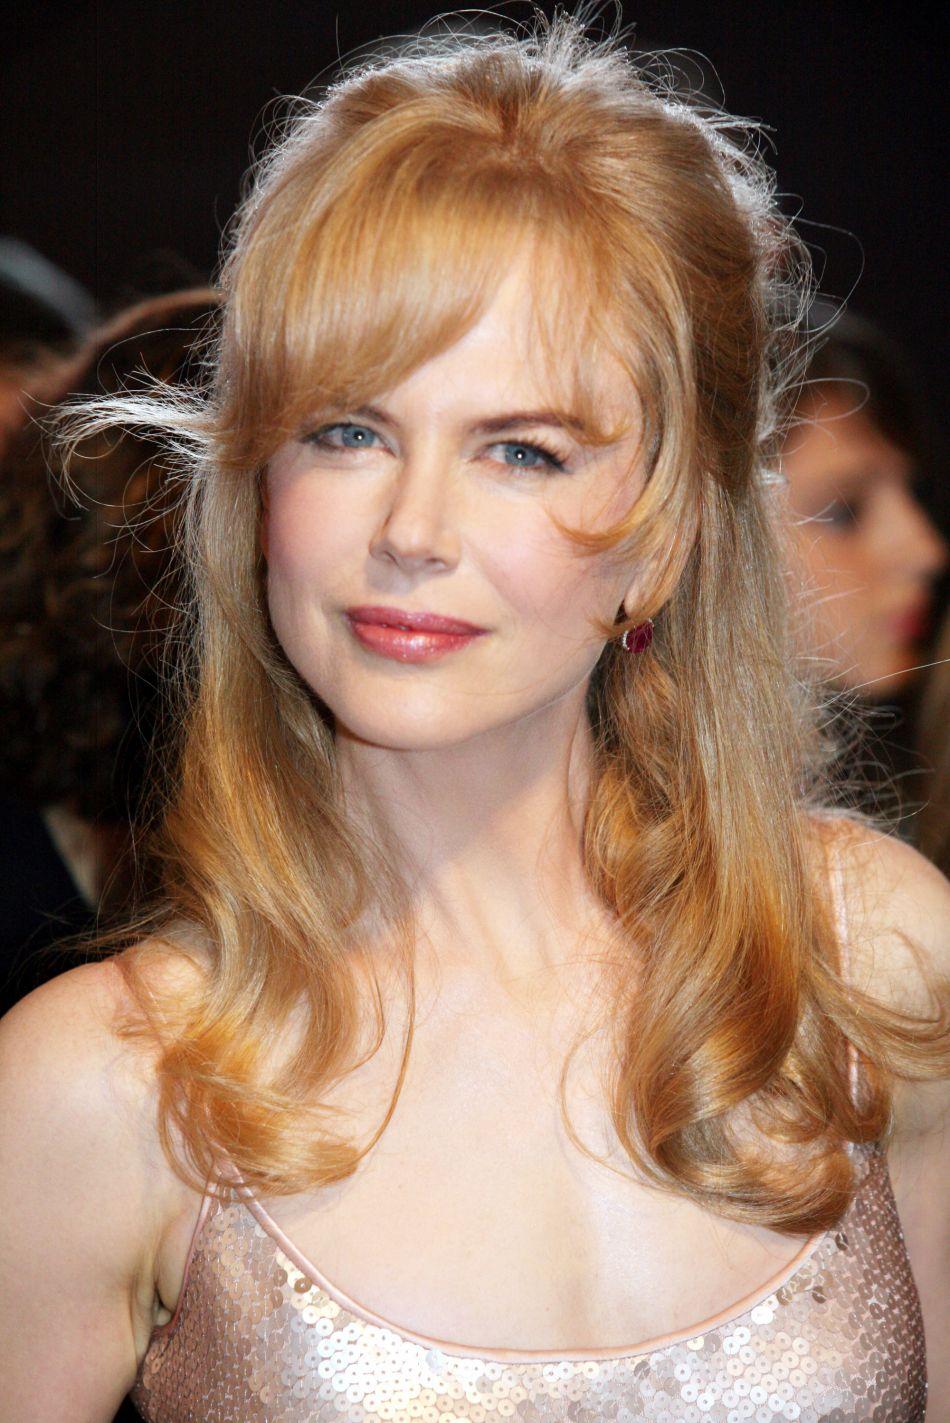 La même année, Nicole Kidman affiche un beauty look plus daté...